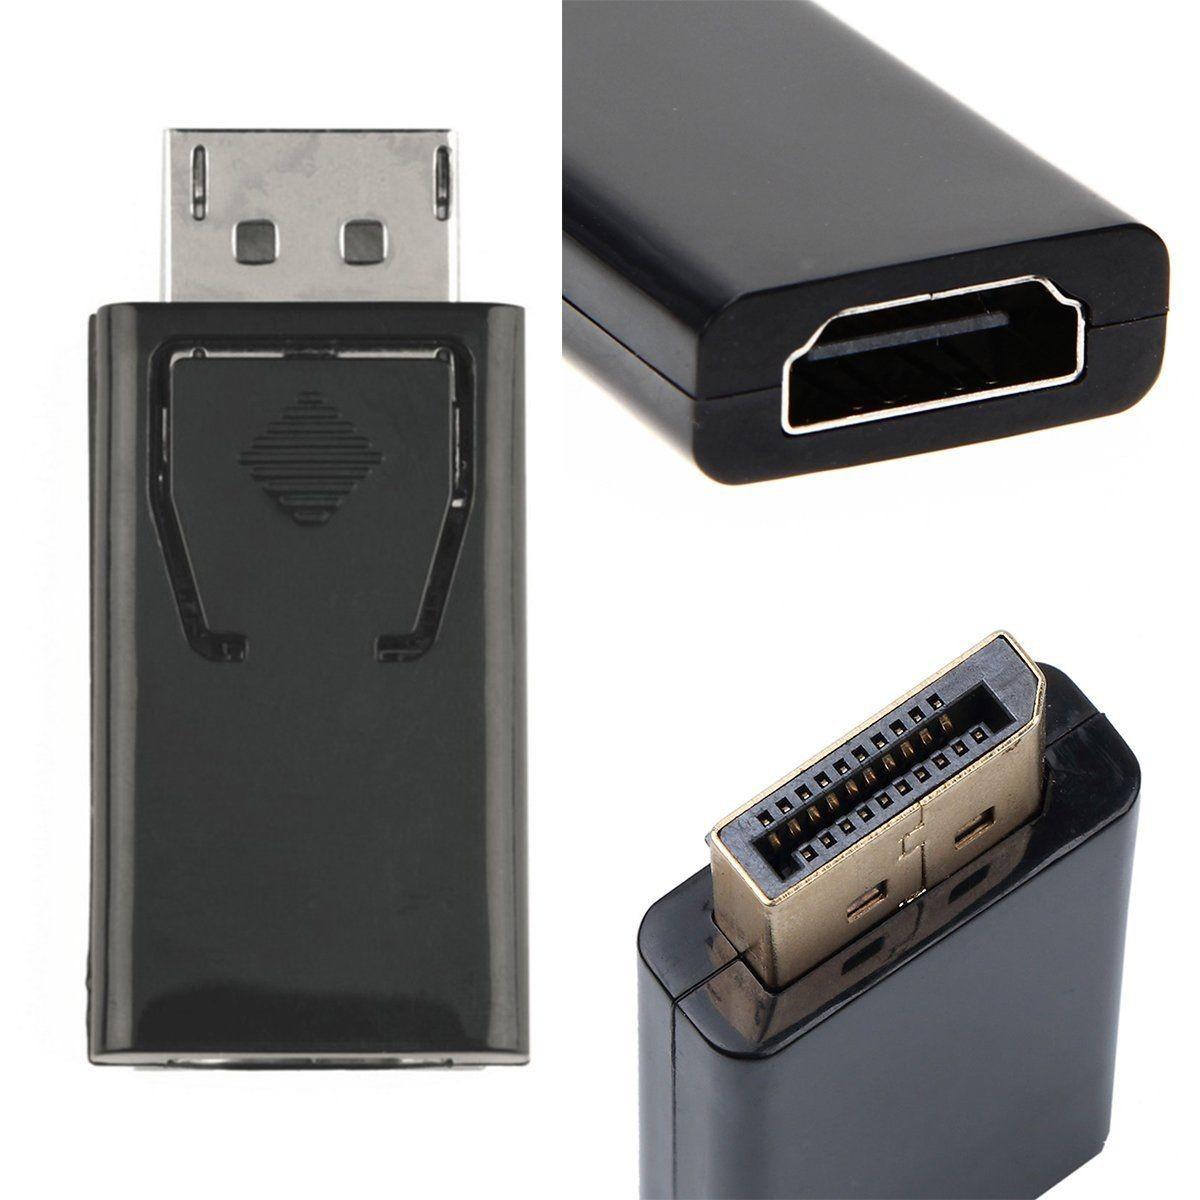 StarWare DP macho a HDMI hembra adaptador pasivo compatible con hasta 4K para ordenadores compatibles con DisplayPort para conectar pantallas HDMI aluminio gris espacio Adaptador DisplayPort a HDMI